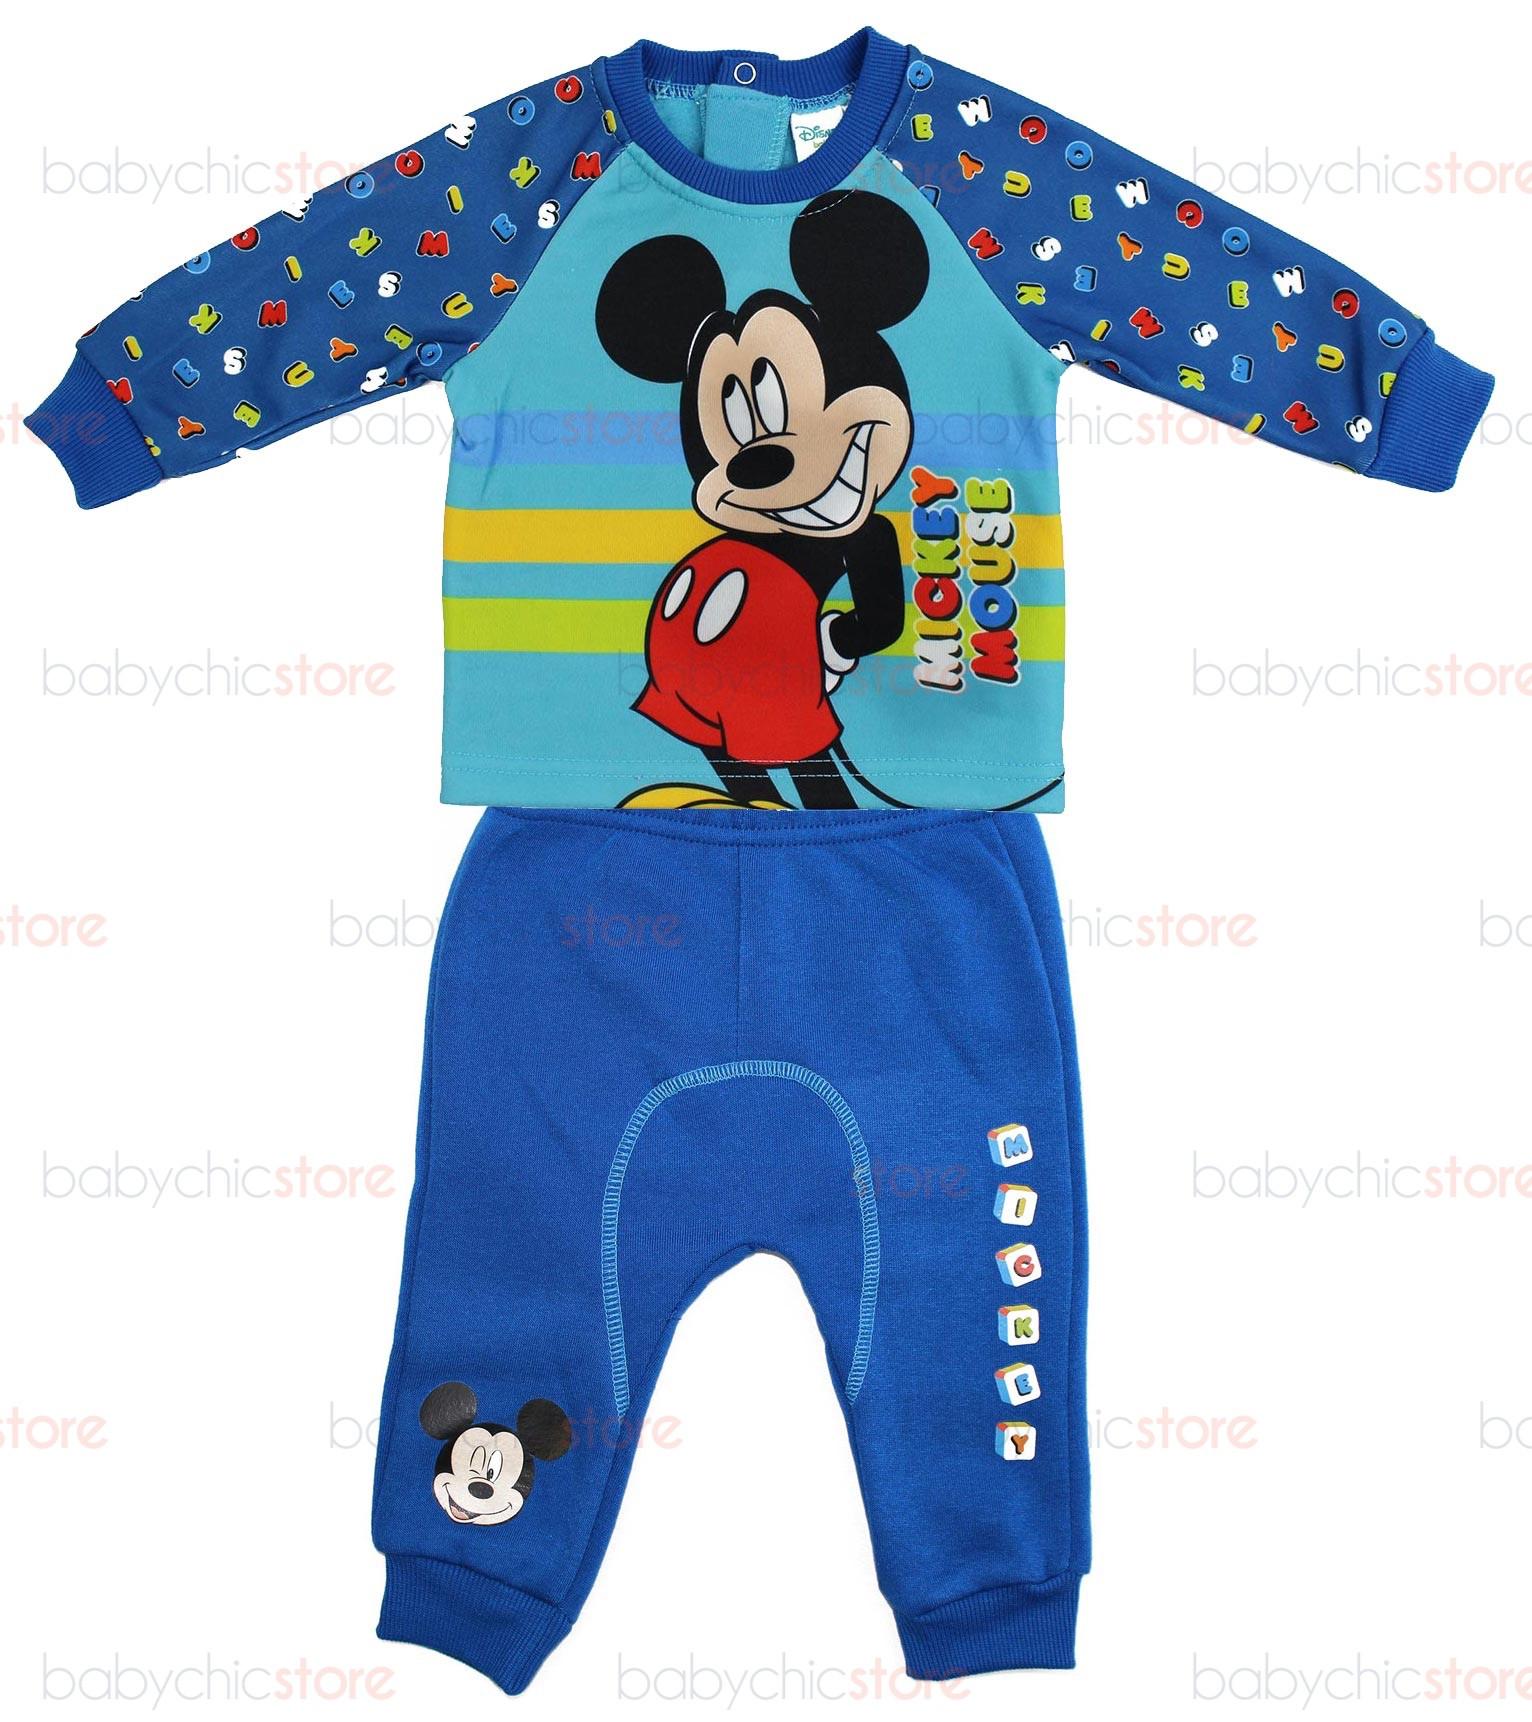 Survêtement Mickey Mouse - Bleu/Ciel 12M